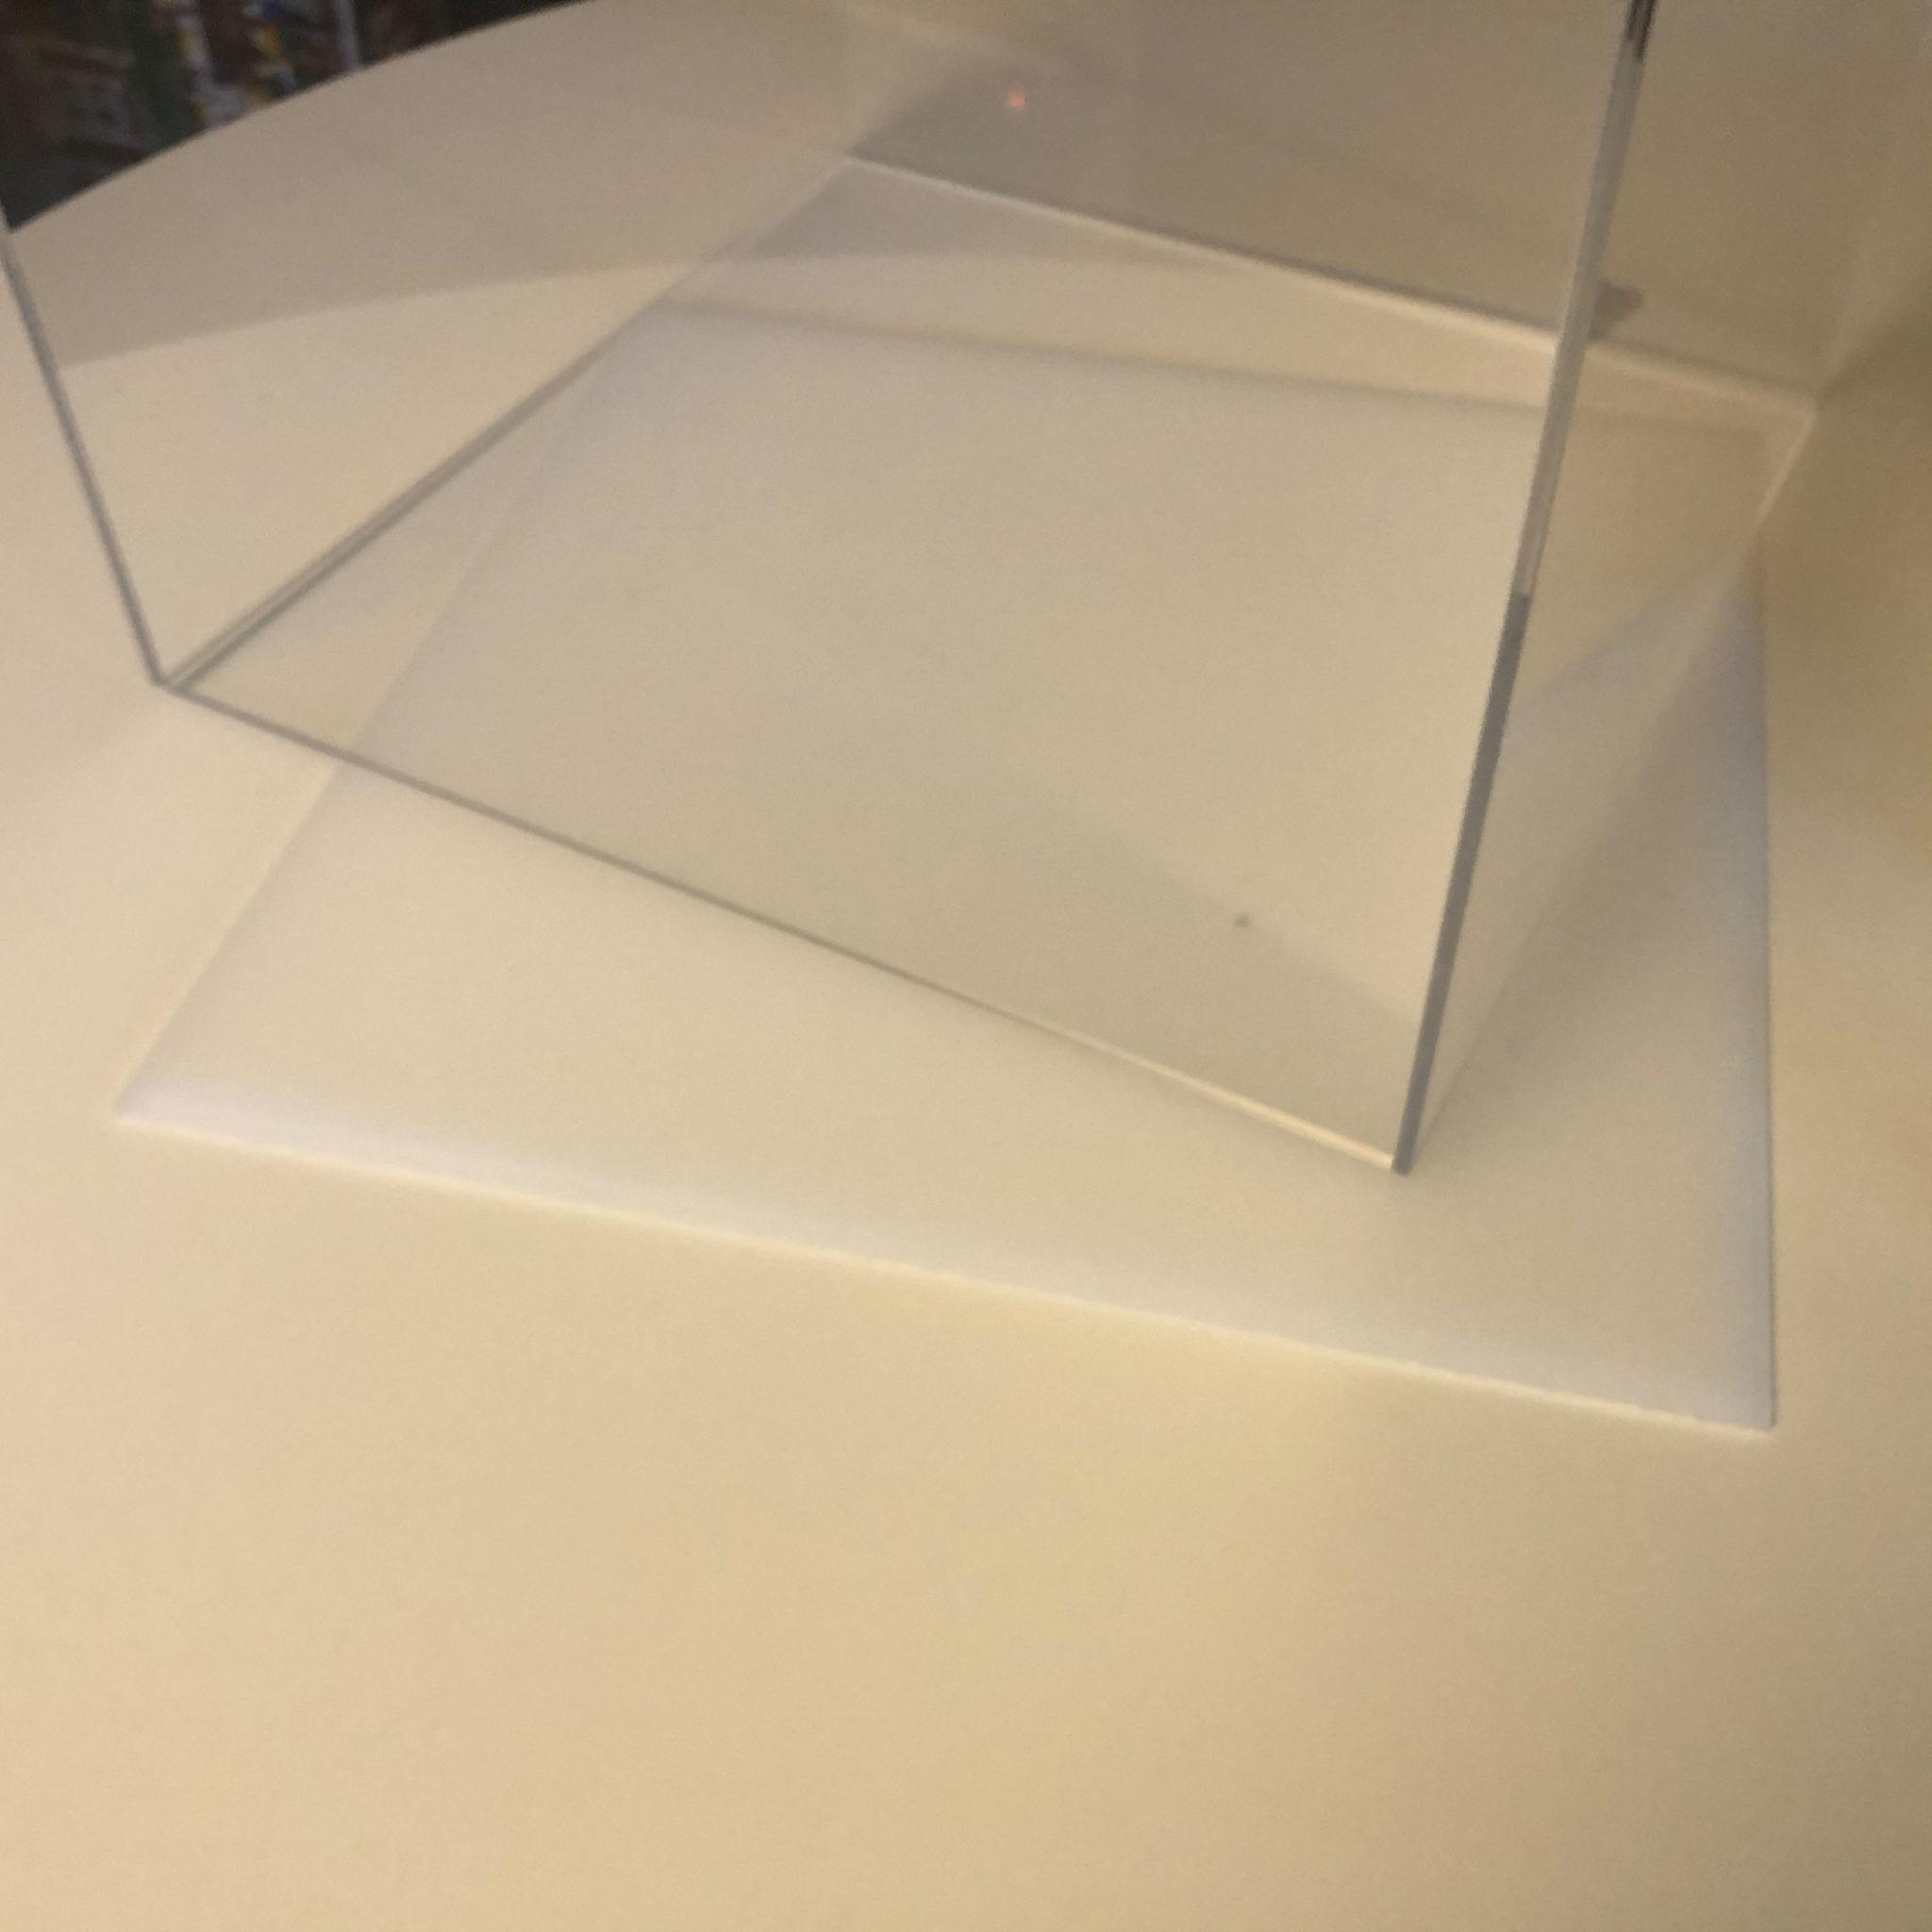 lego vitrine plexiglas mit Grundplatte kein staub mehr